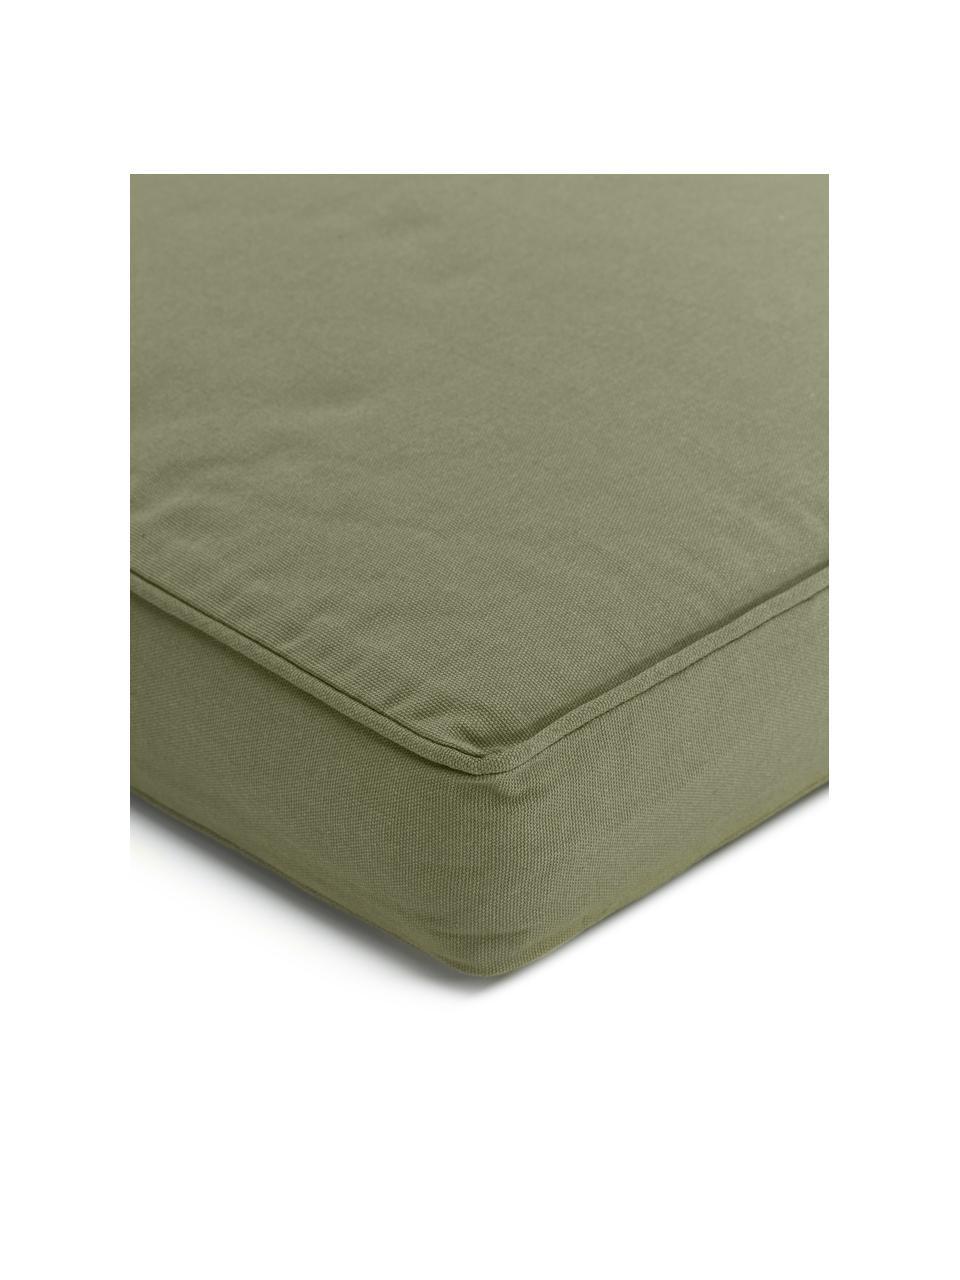 Sitzkissen Zoey in Olivgrün, Bezug: 100% Baumwolle, Grün, 40 x 40 cm